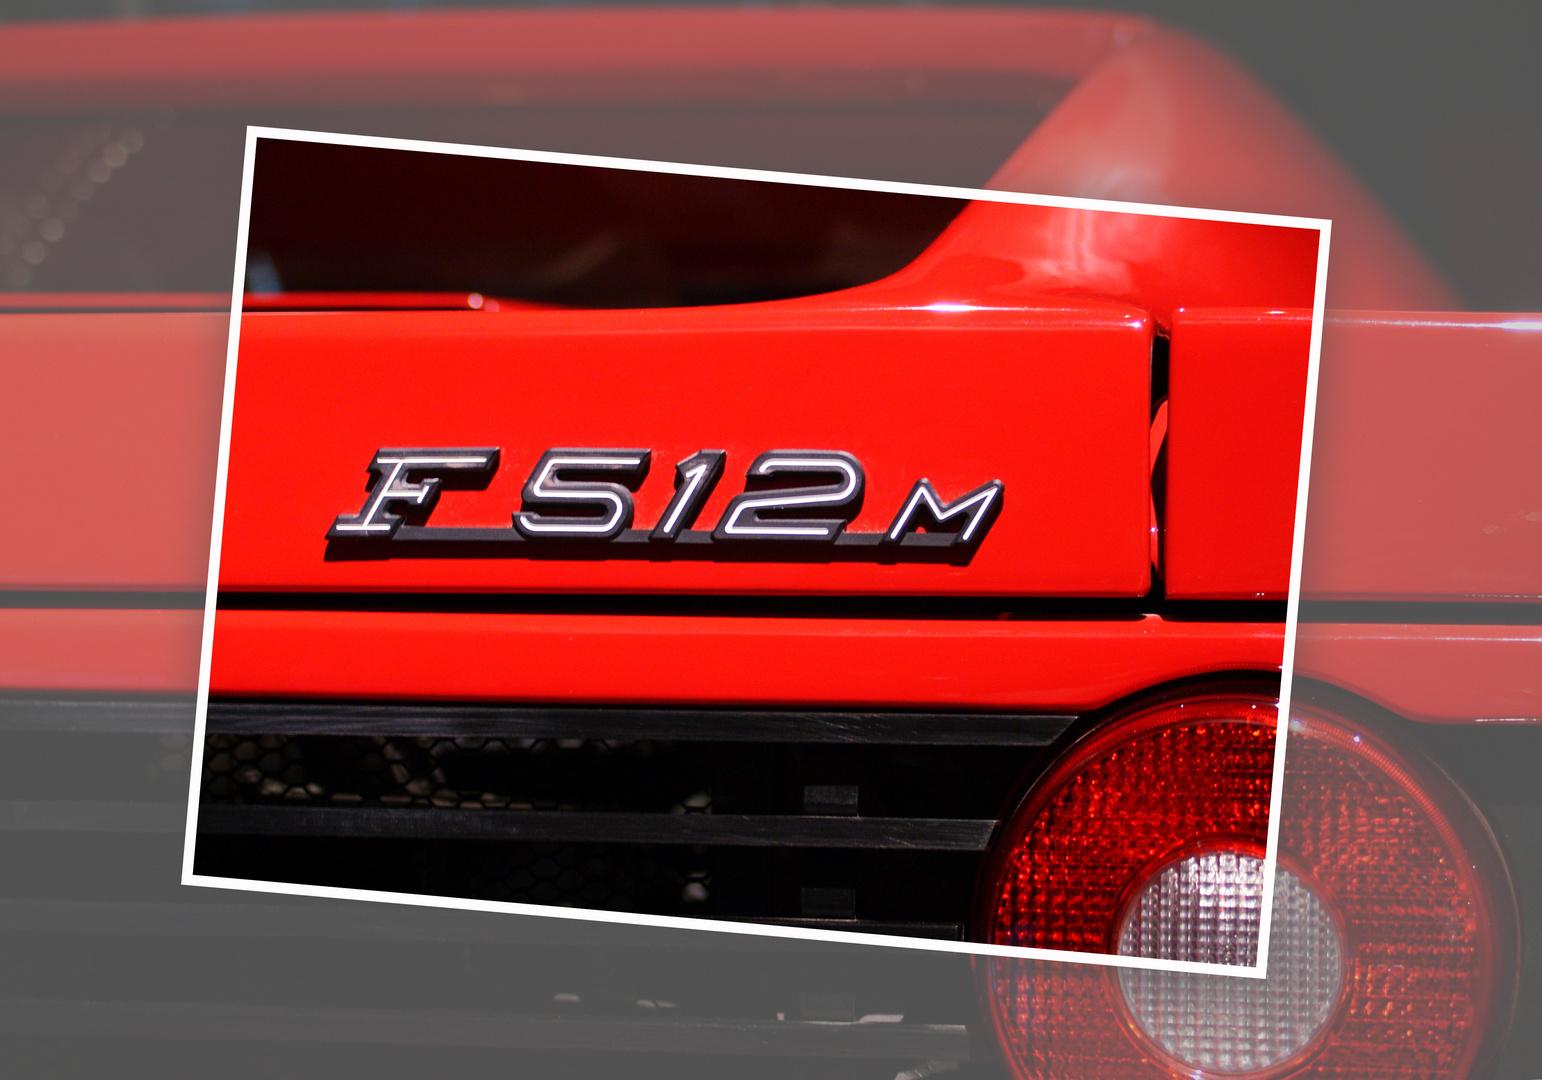 Ferrari Testarossa F512M